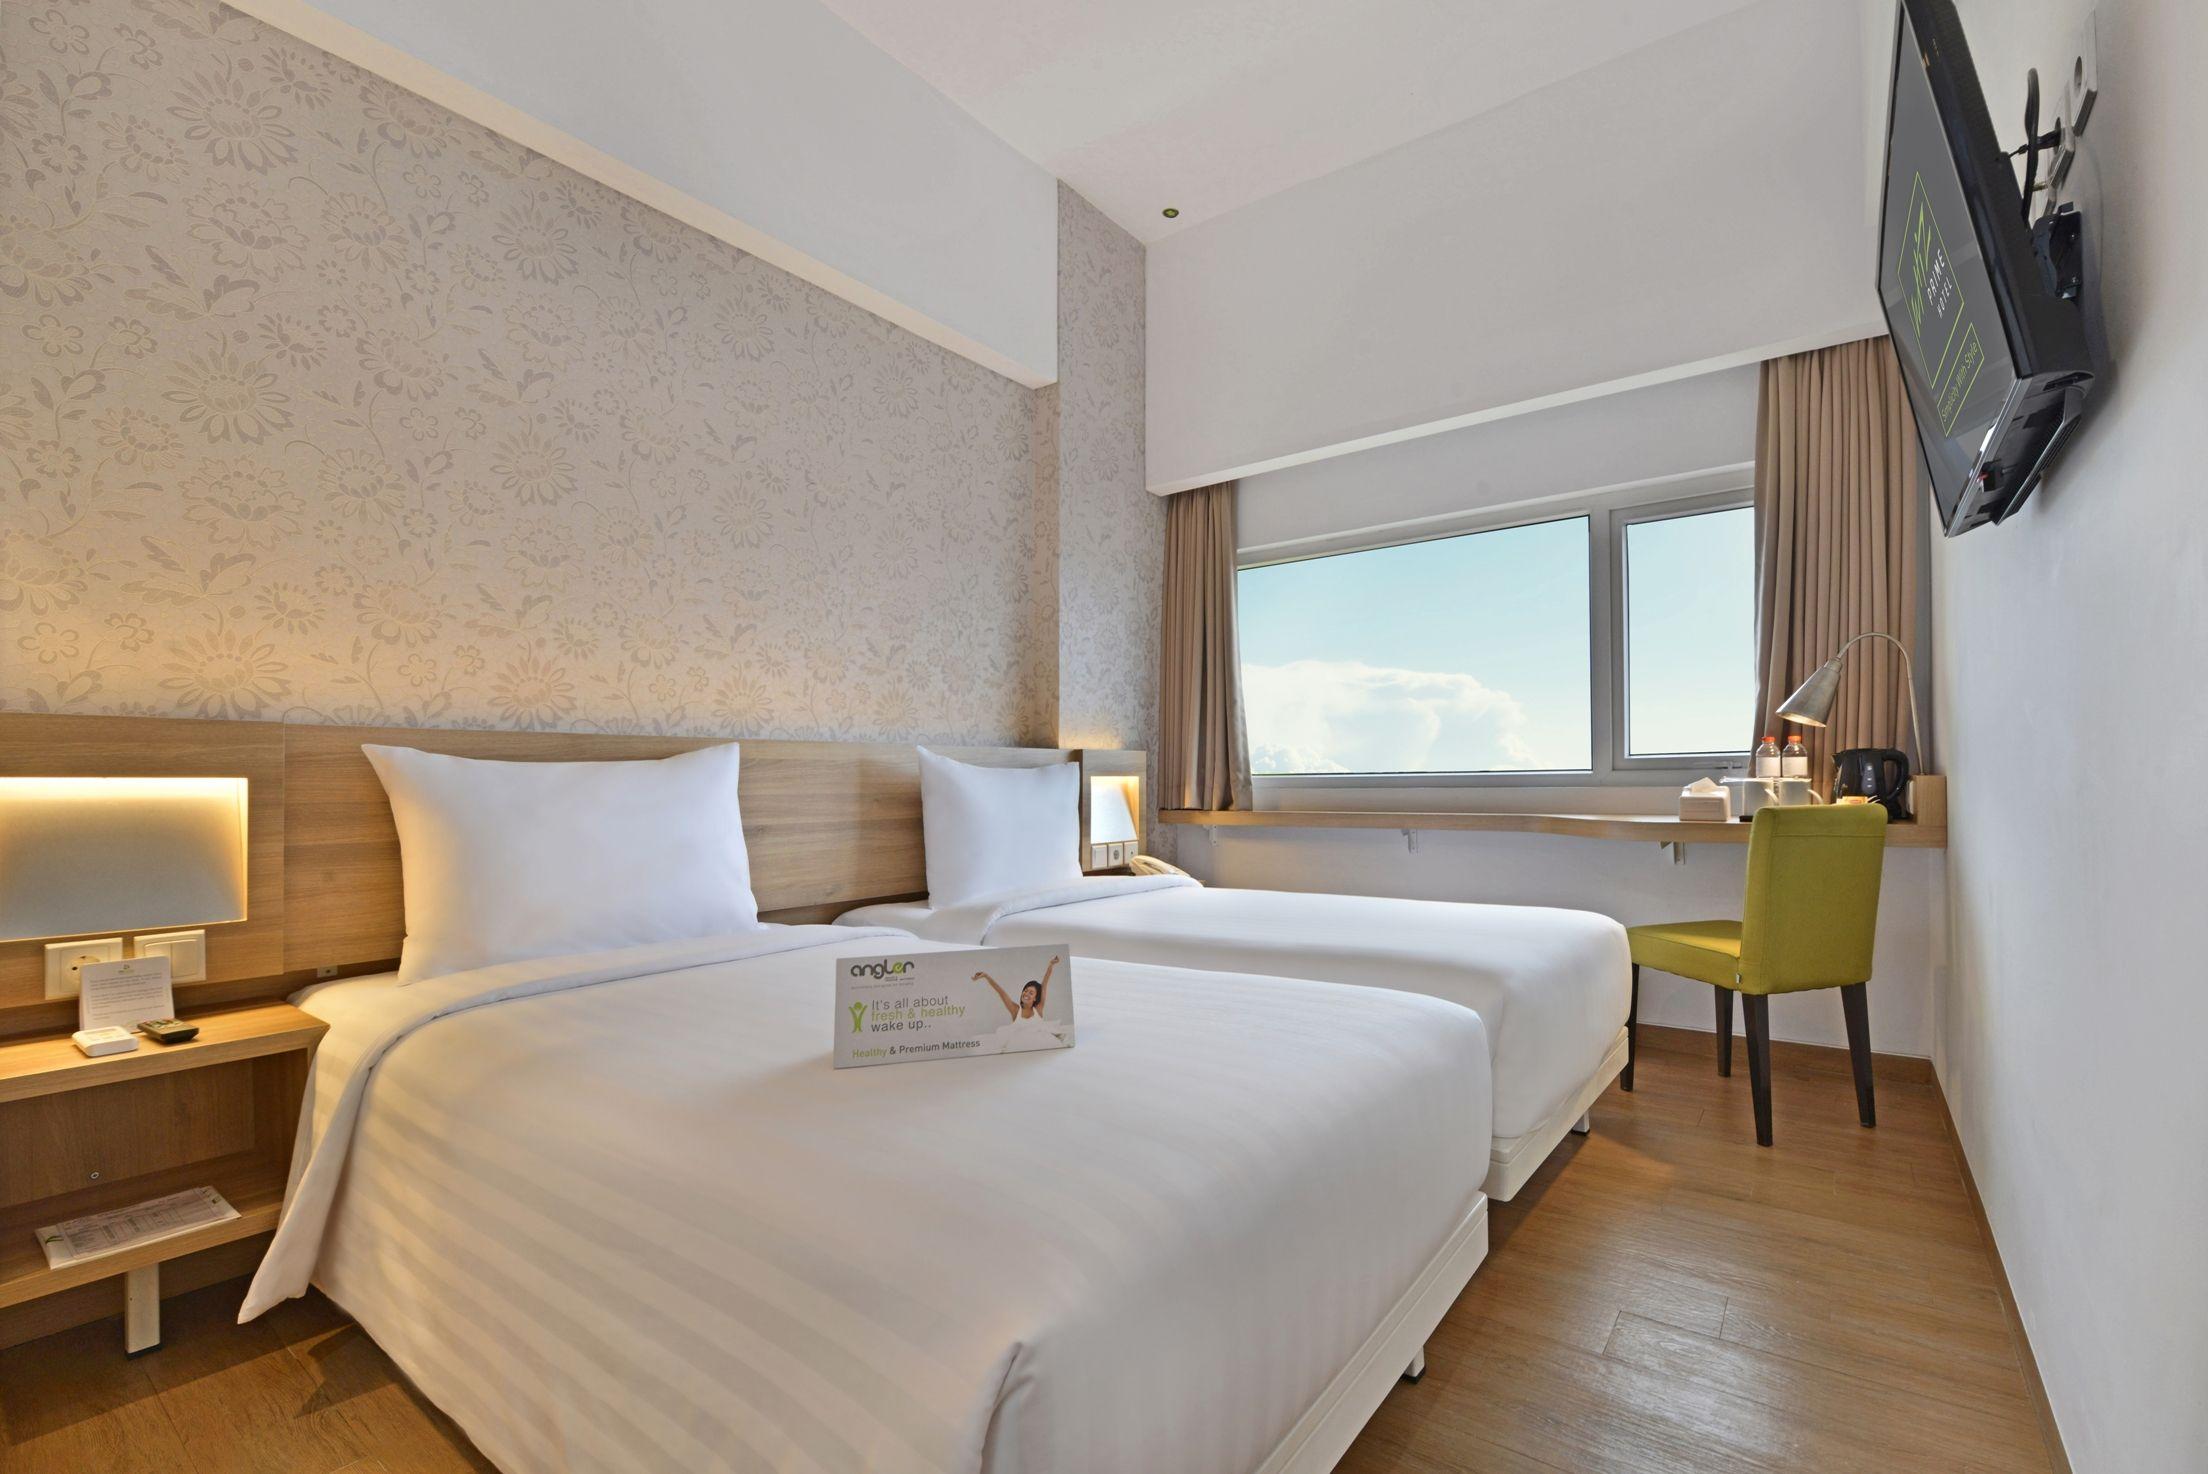 Whiz Prime Hotel Basuki Rahmat Malang, Malang